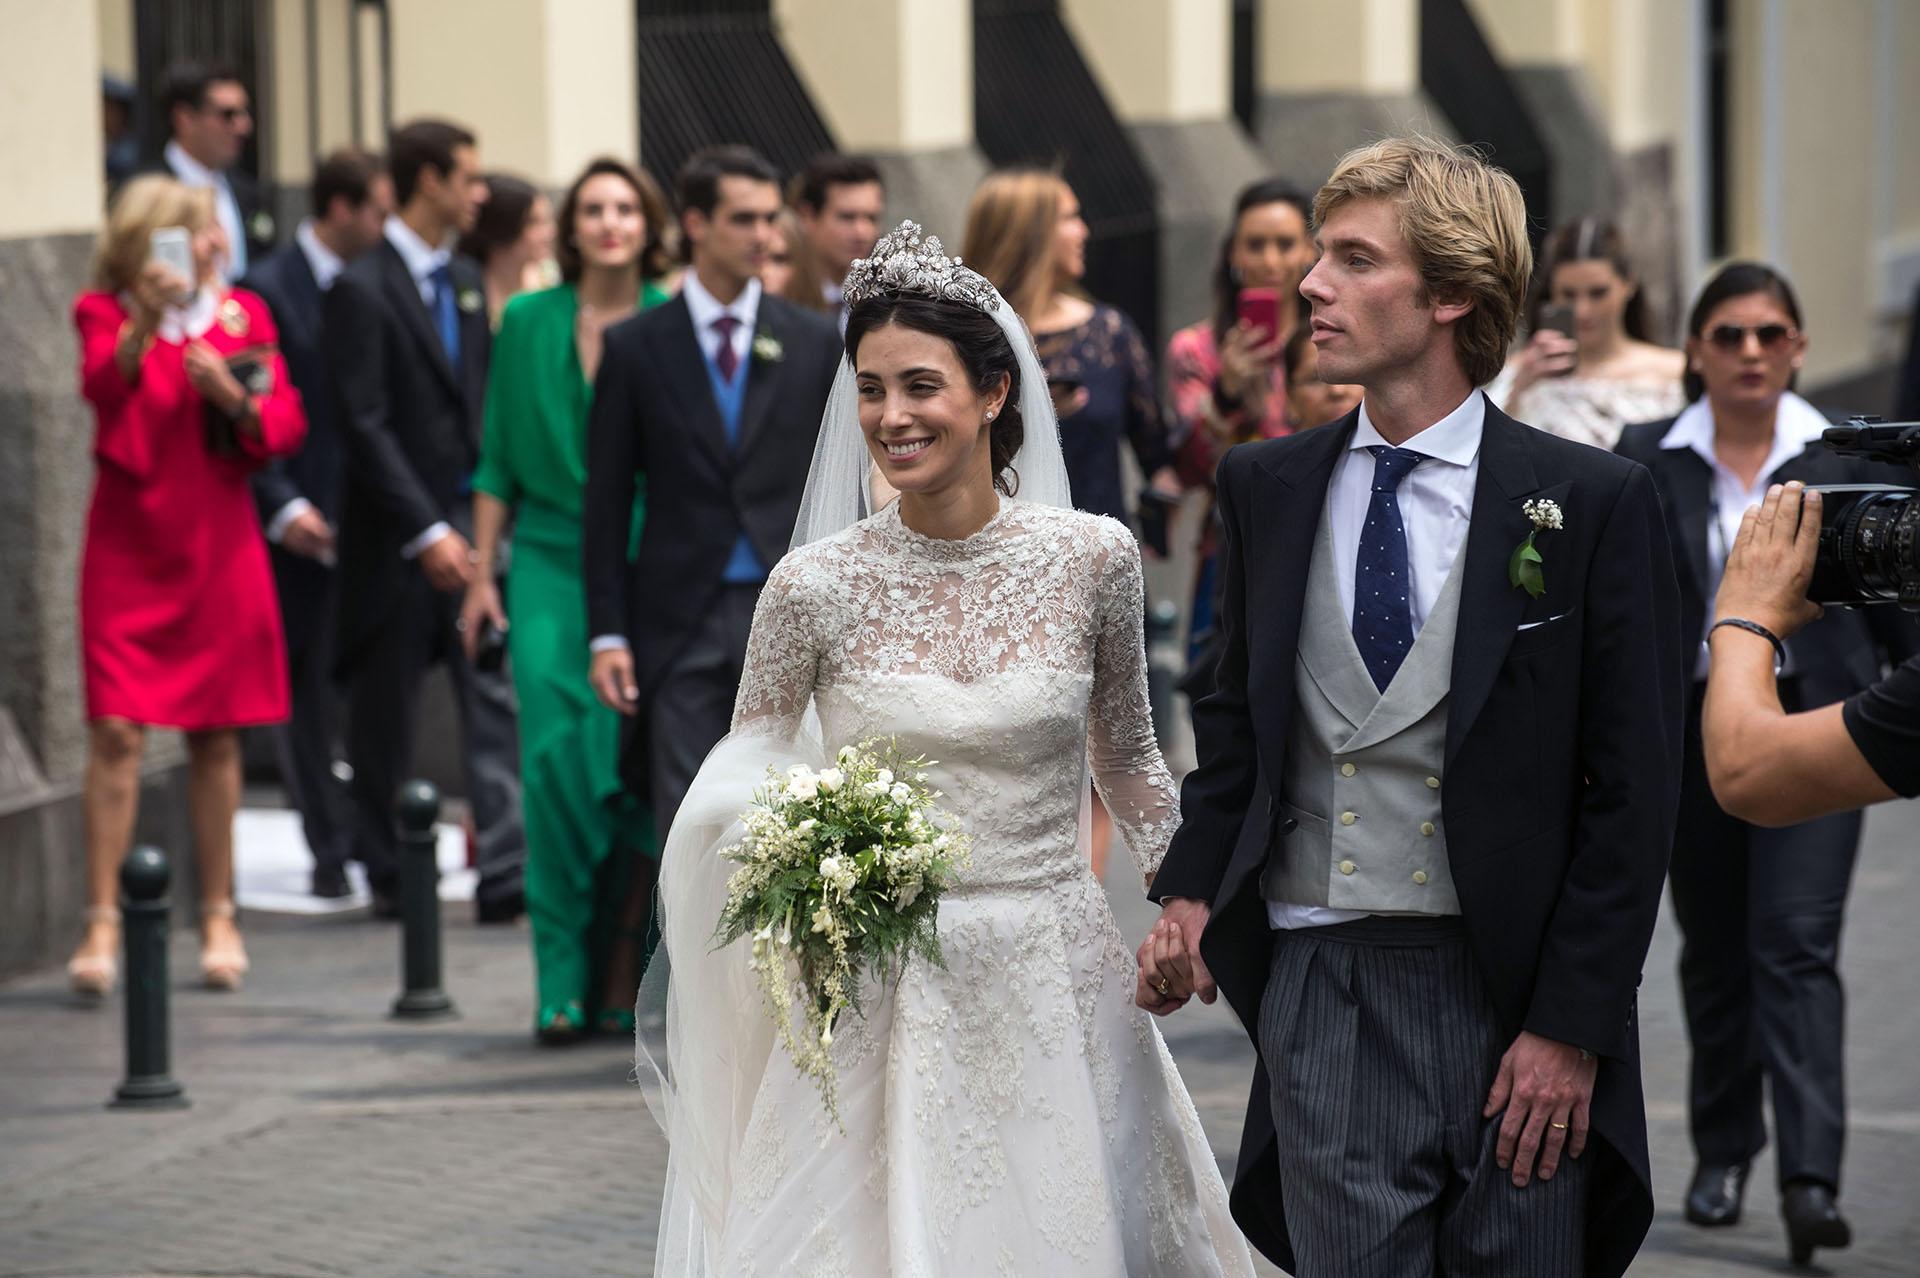 La ex modelo Alessandra de Osma y el príncipe Christian de Hannover – hijo de Chantal Hochuli y Ernest de Hanover, celebraron su boda religiosa en Lima (AFP)